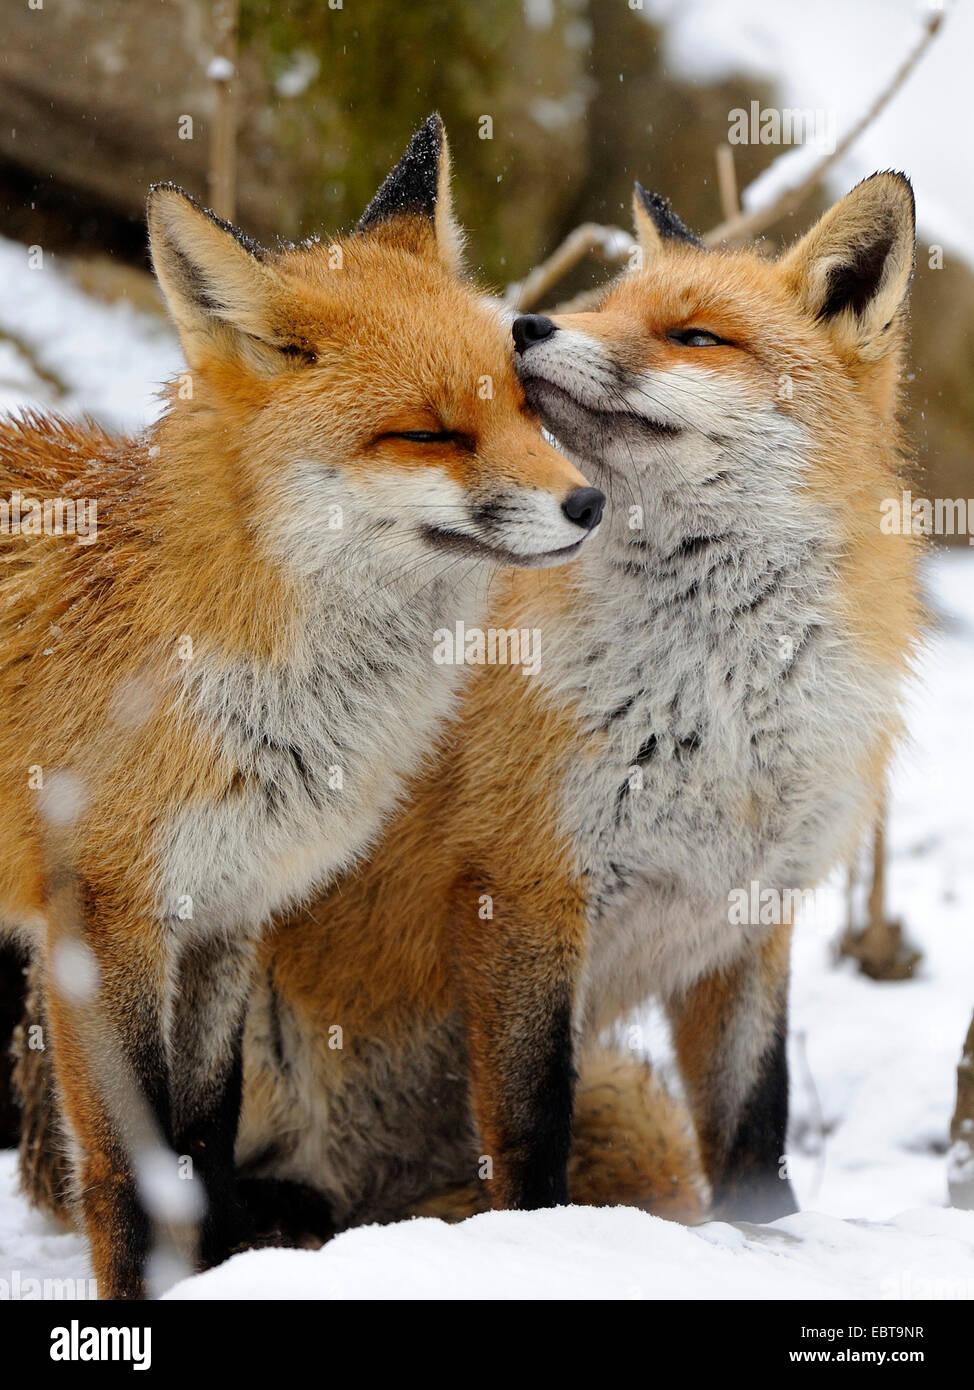 Le renard roux (Vulpes vulpes), deux renards côte à côte dans la neige se caresser, Allemagne Photo Stock